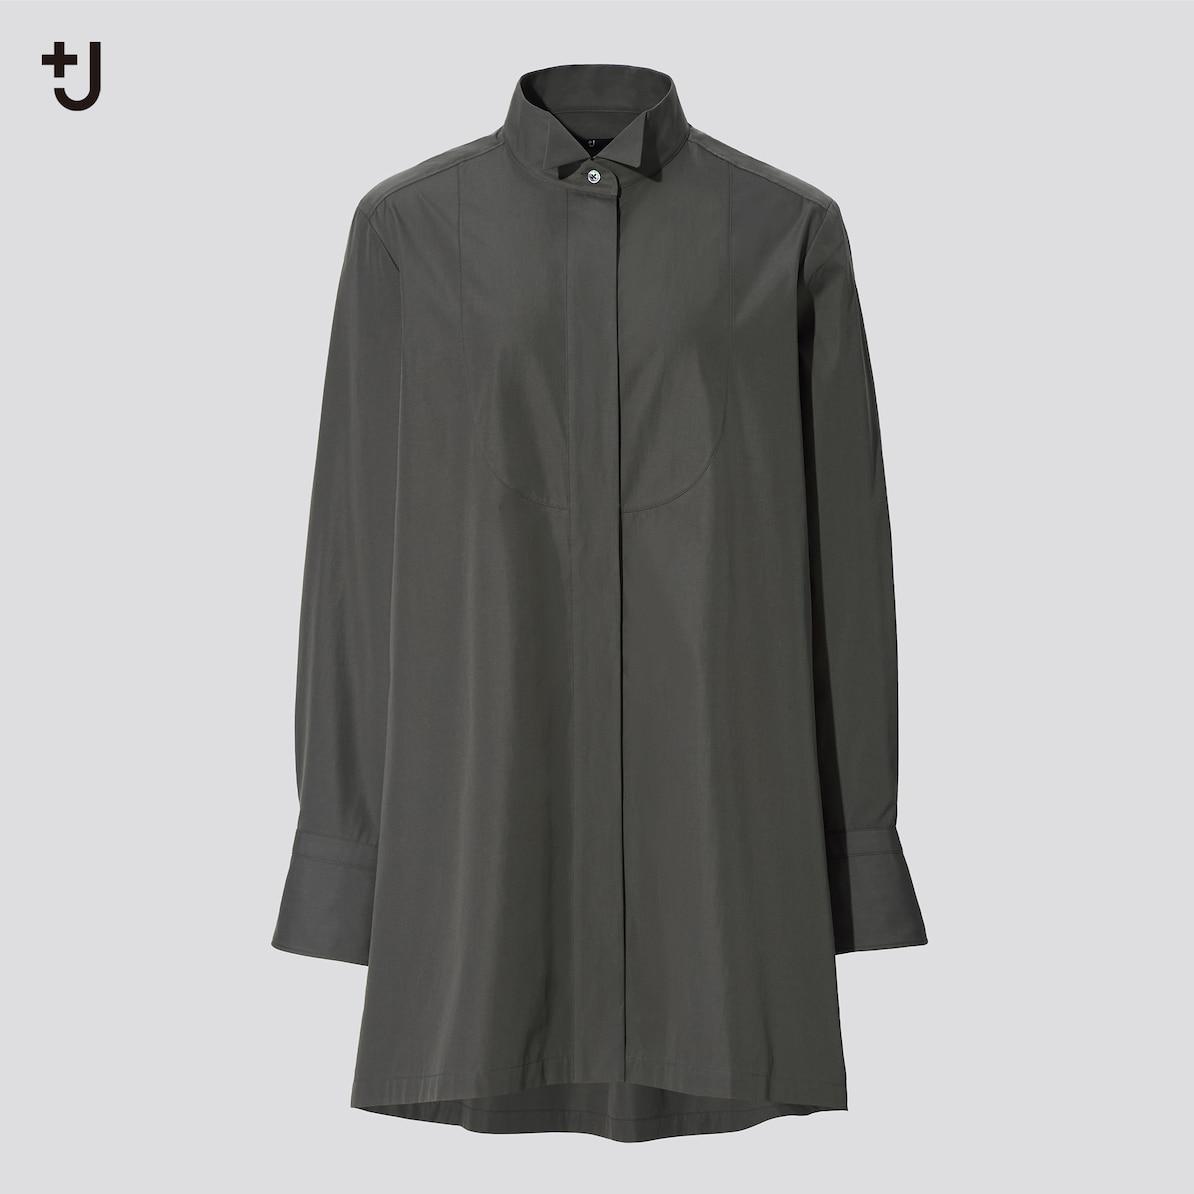 スーピマコットンロングシャツ(長袖)